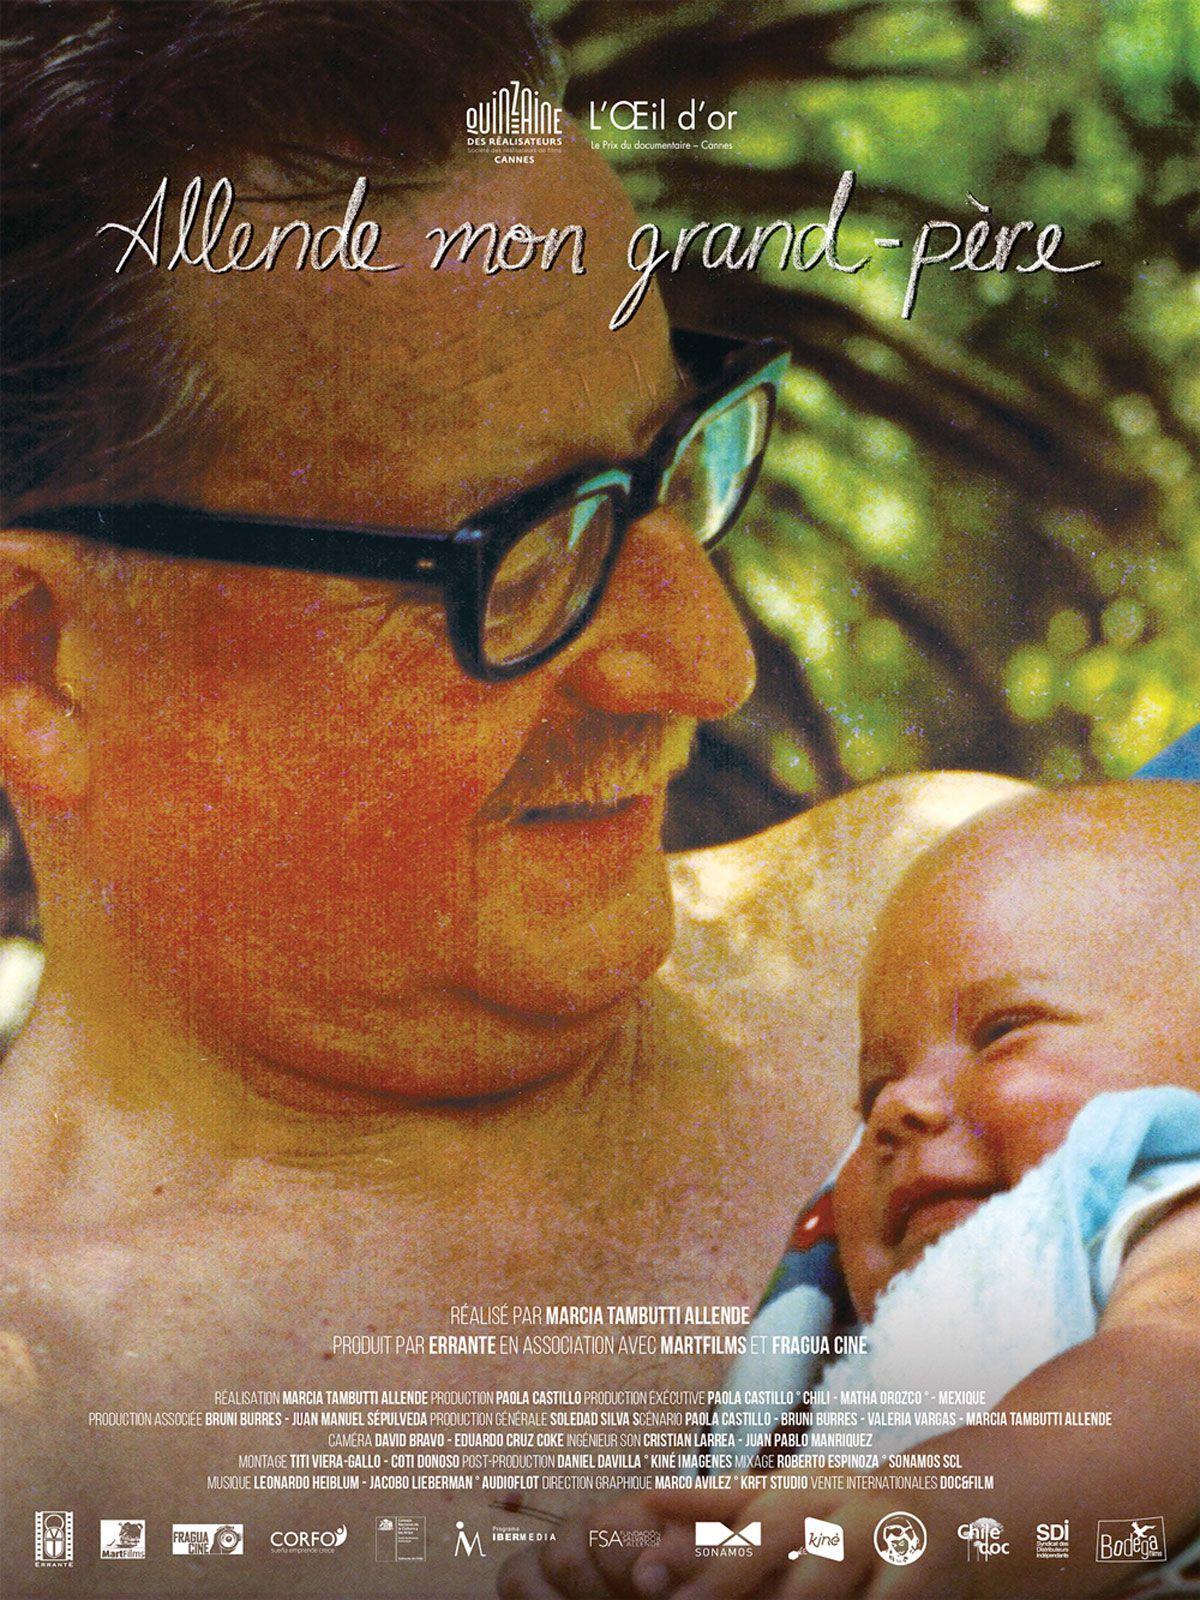 Allende mon grand-père - Documentaire (2015)